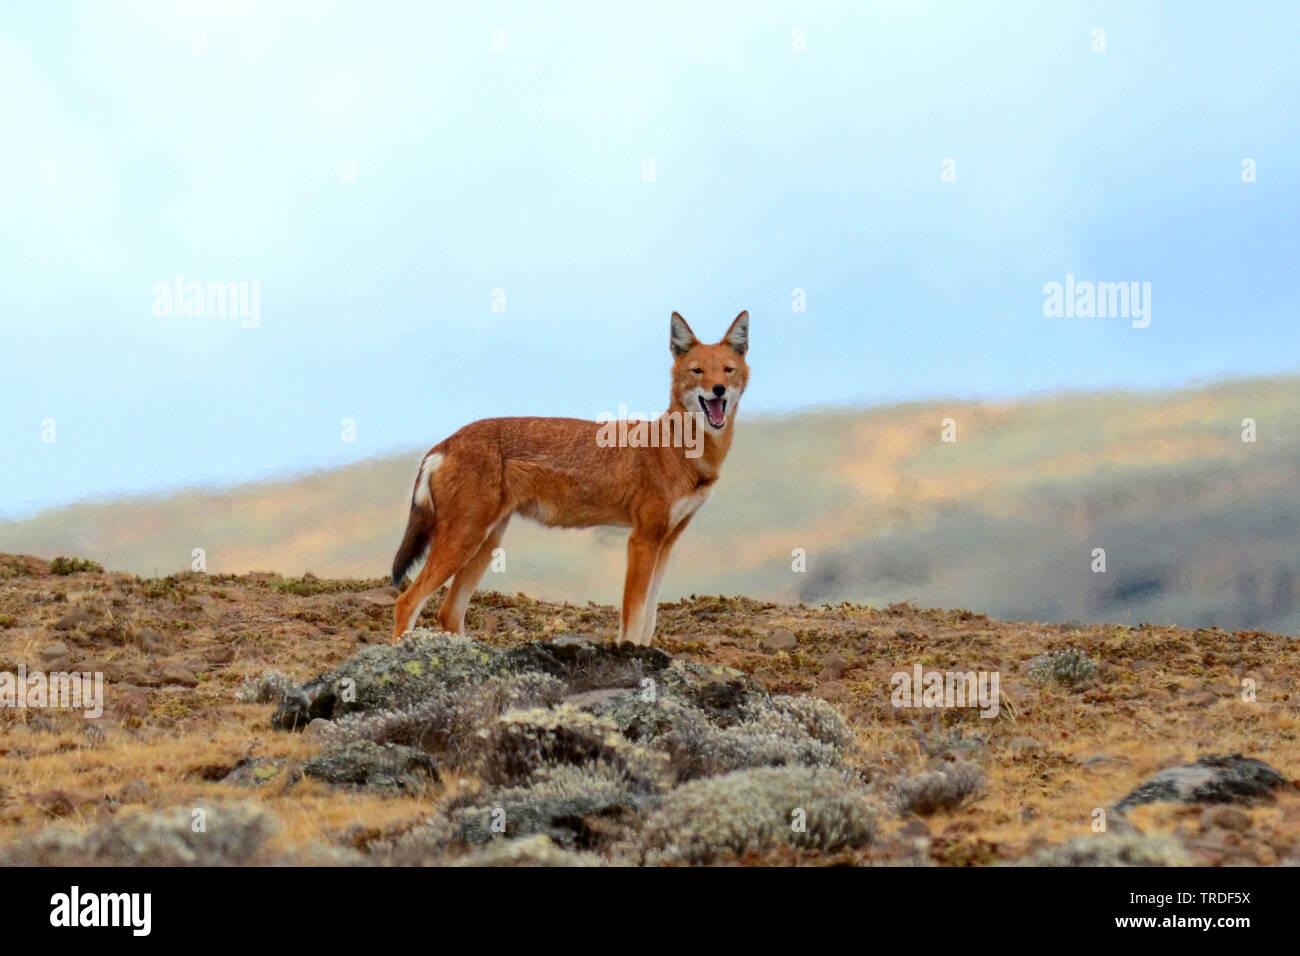 Abessinischer Fuchs, Aethiopischer Wolf (Canis simensis), stehend, Aethiopien, Bale Mountains Nationalpark | Simien jackal, Ethiopian wolf, Simien fox - Stock Image